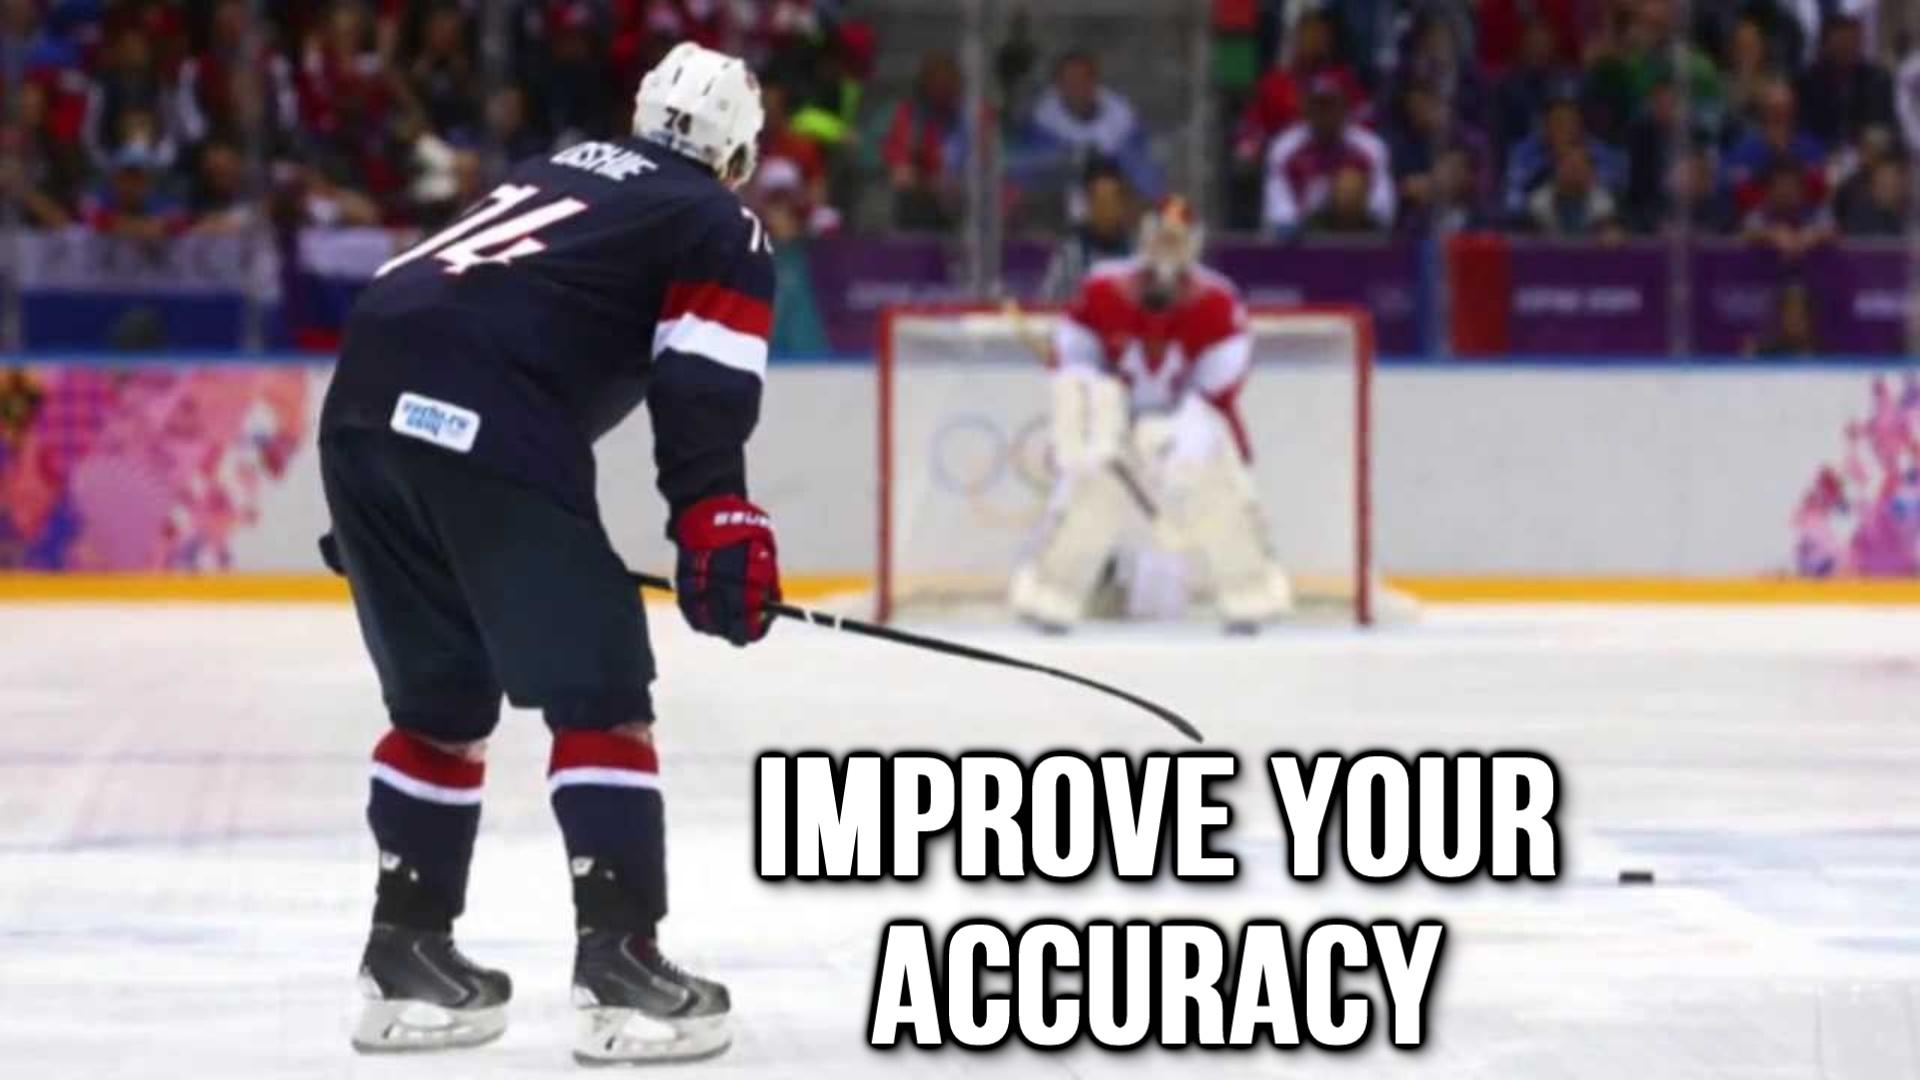 improve-accuracy-hockey